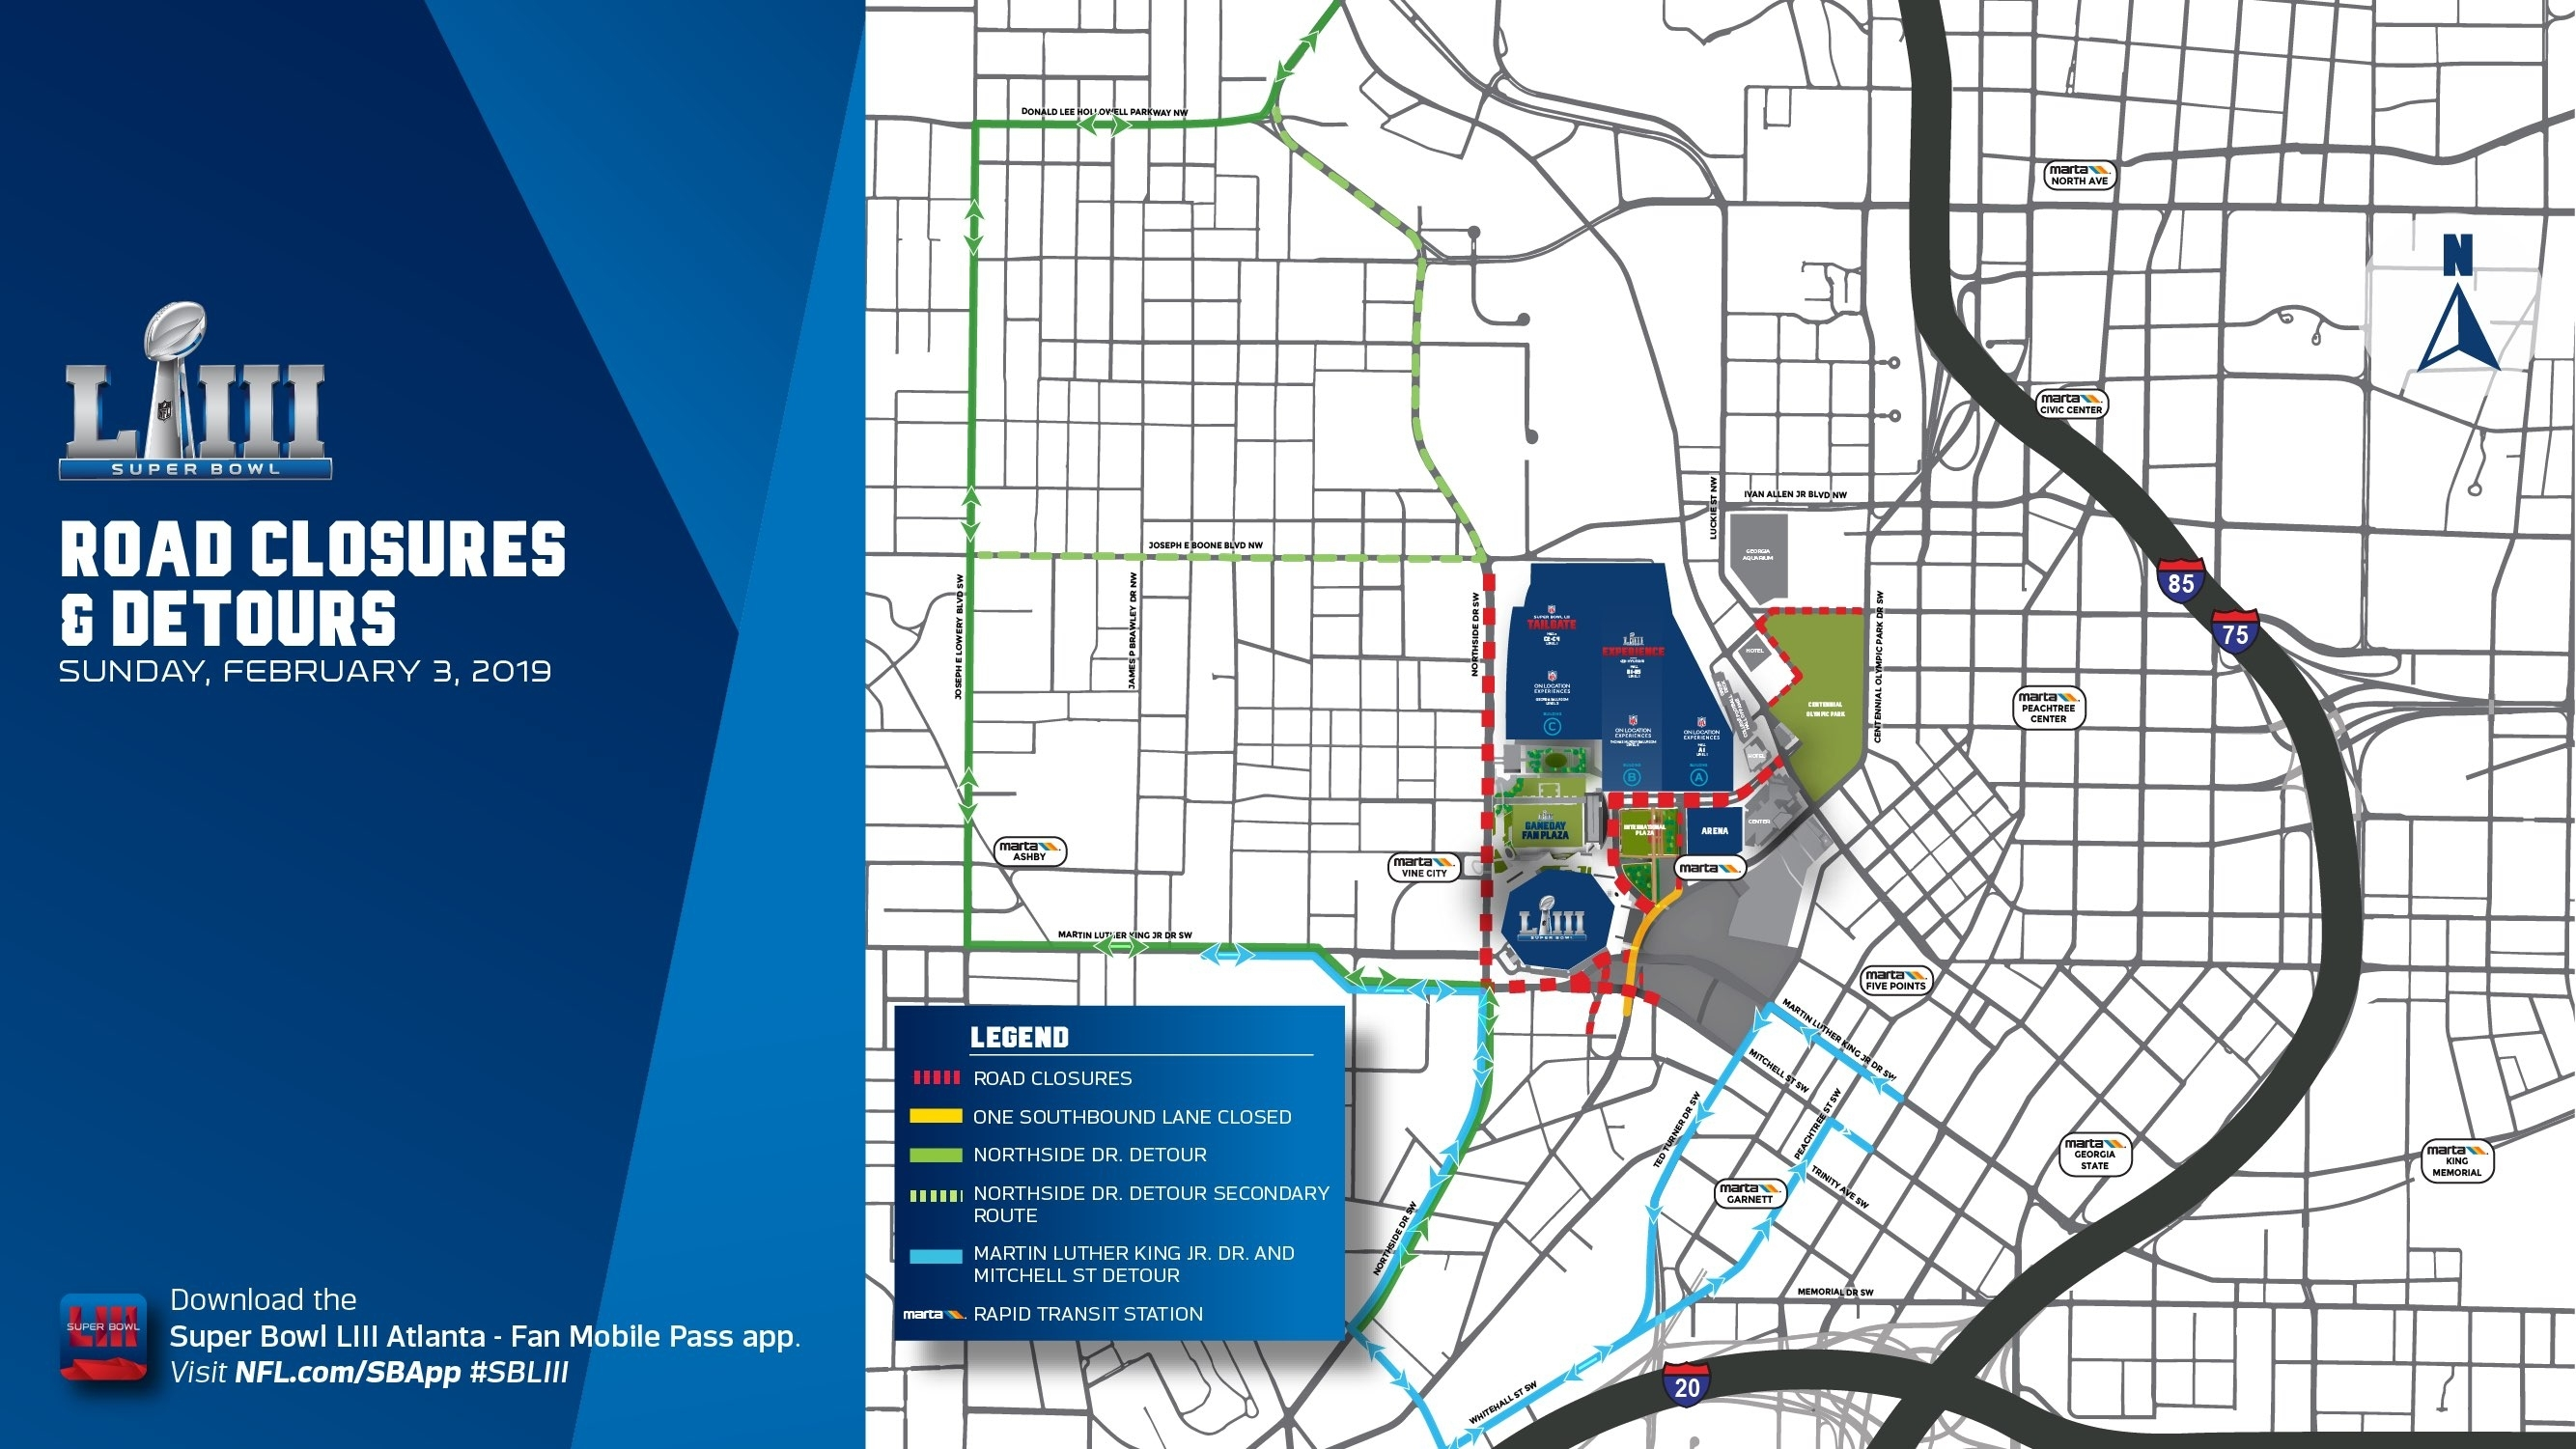 Gameday-Road-Closure-Map Copy - Mercedes Benz Stadium with Atlanta Super Bowl Road Closures Map